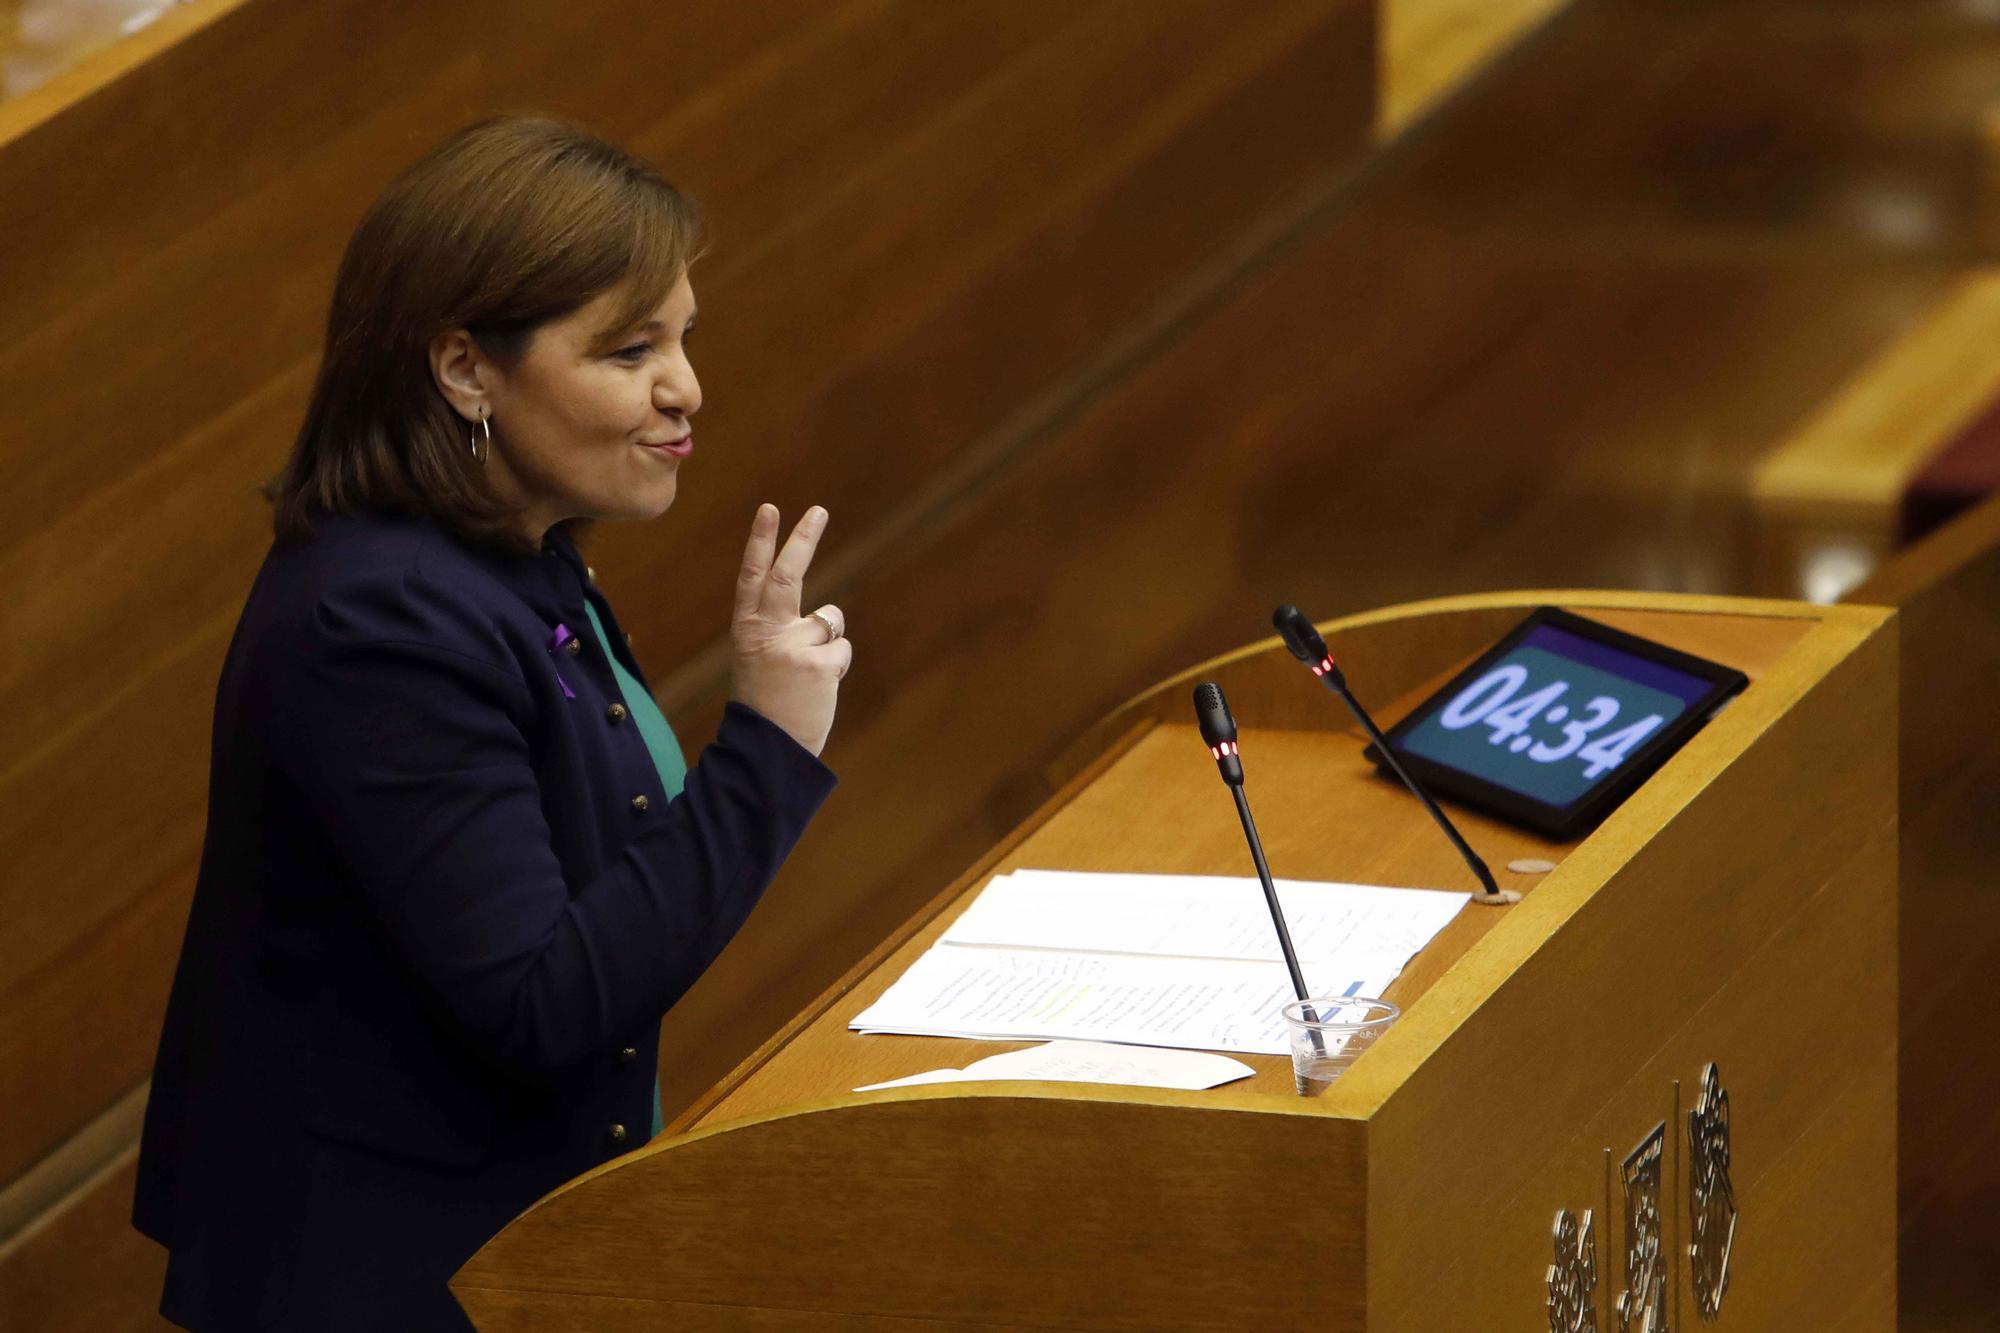 Las dos décadas (por ahora) en política de Isabel Bonig en en imágenes